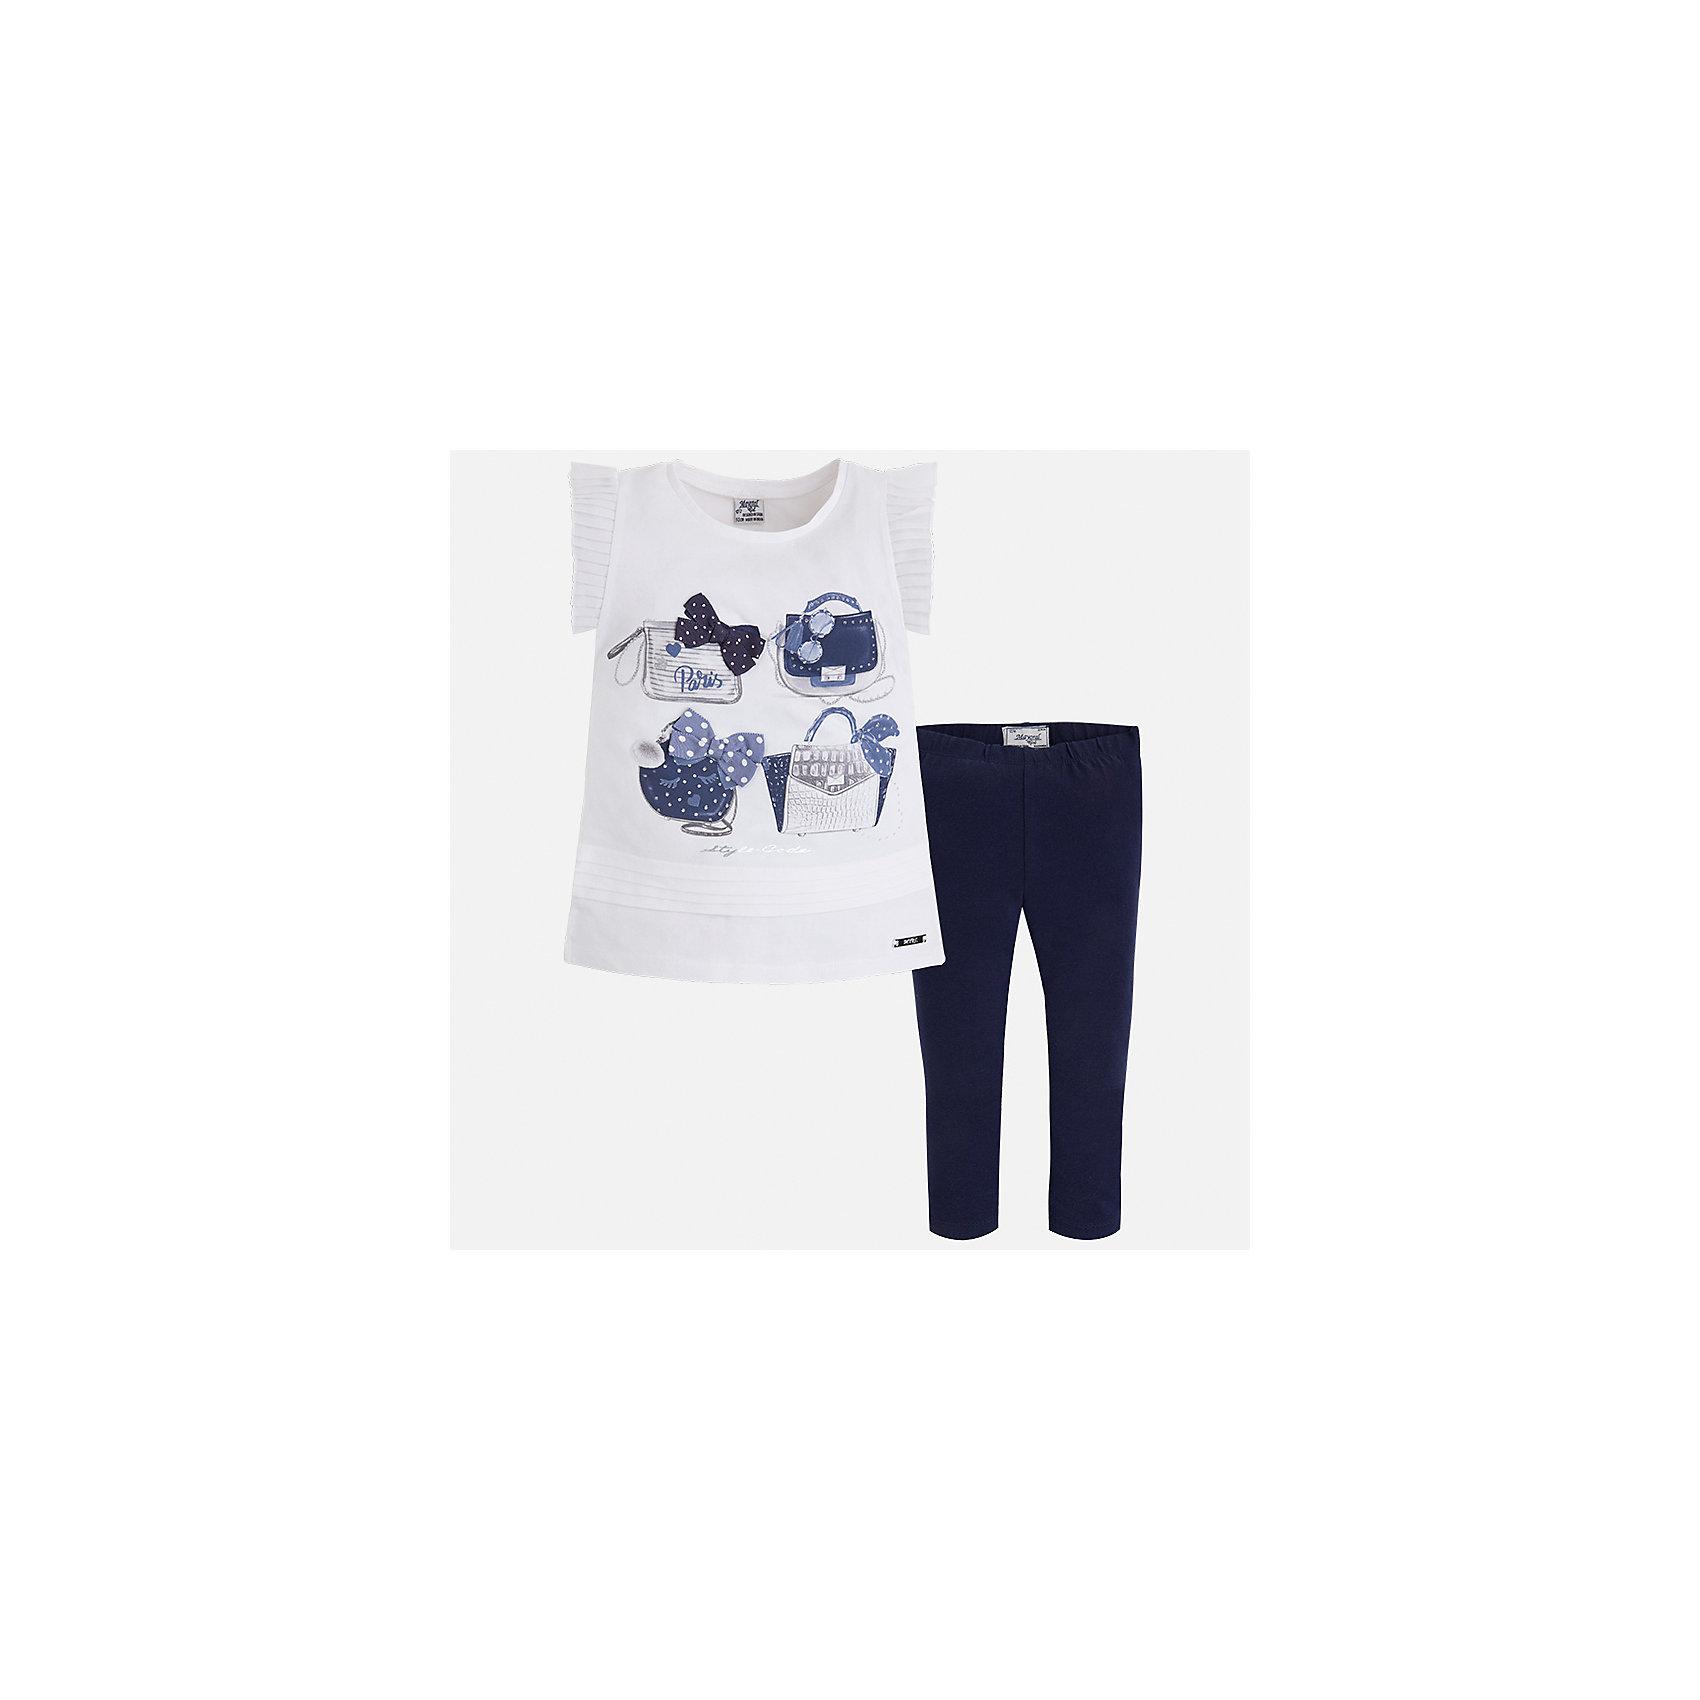 Комплект: блузка и леггинсы для девочки MayoralКомплекты<br>Характеристики товара:<br><br>• цвет: белый/синий<br>• состав: 95% хлопок, 5% эластан<br>• комплектация: футболка, леггинсы<br>• футболка декорирована принтом и оборками<br>• леггинсы однотонные<br>• пояс на резинке<br>• страна бренда: Испания<br><br>Красивый качественный комплект для девочки поможет разнообразить гардероб ребенка и удобно одеться в теплую погоду. Он отлично сочетается с другими предметами. Интересная отделка модели делает её нарядной и оригинальной. В составе материала - натуральный хлопок, гипоаллергенный, приятный на ощупь, дышащий.<br><br>Комплект для девочки от испанского бренда Mayoral (Майорал) можно купить в нашем интернет-магазине.<br><br>Ширина мм: 123<br>Глубина мм: 10<br>Высота мм: 149<br>Вес г: 209<br>Цвет: синий<br>Возраст от месяцев: 96<br>Возраст до месяцев: 108<br>Пол: Женский<br>Возраст: Детский<br>Размер: 134,92,98,104,110,116,122,128<br>SKU: 5290613